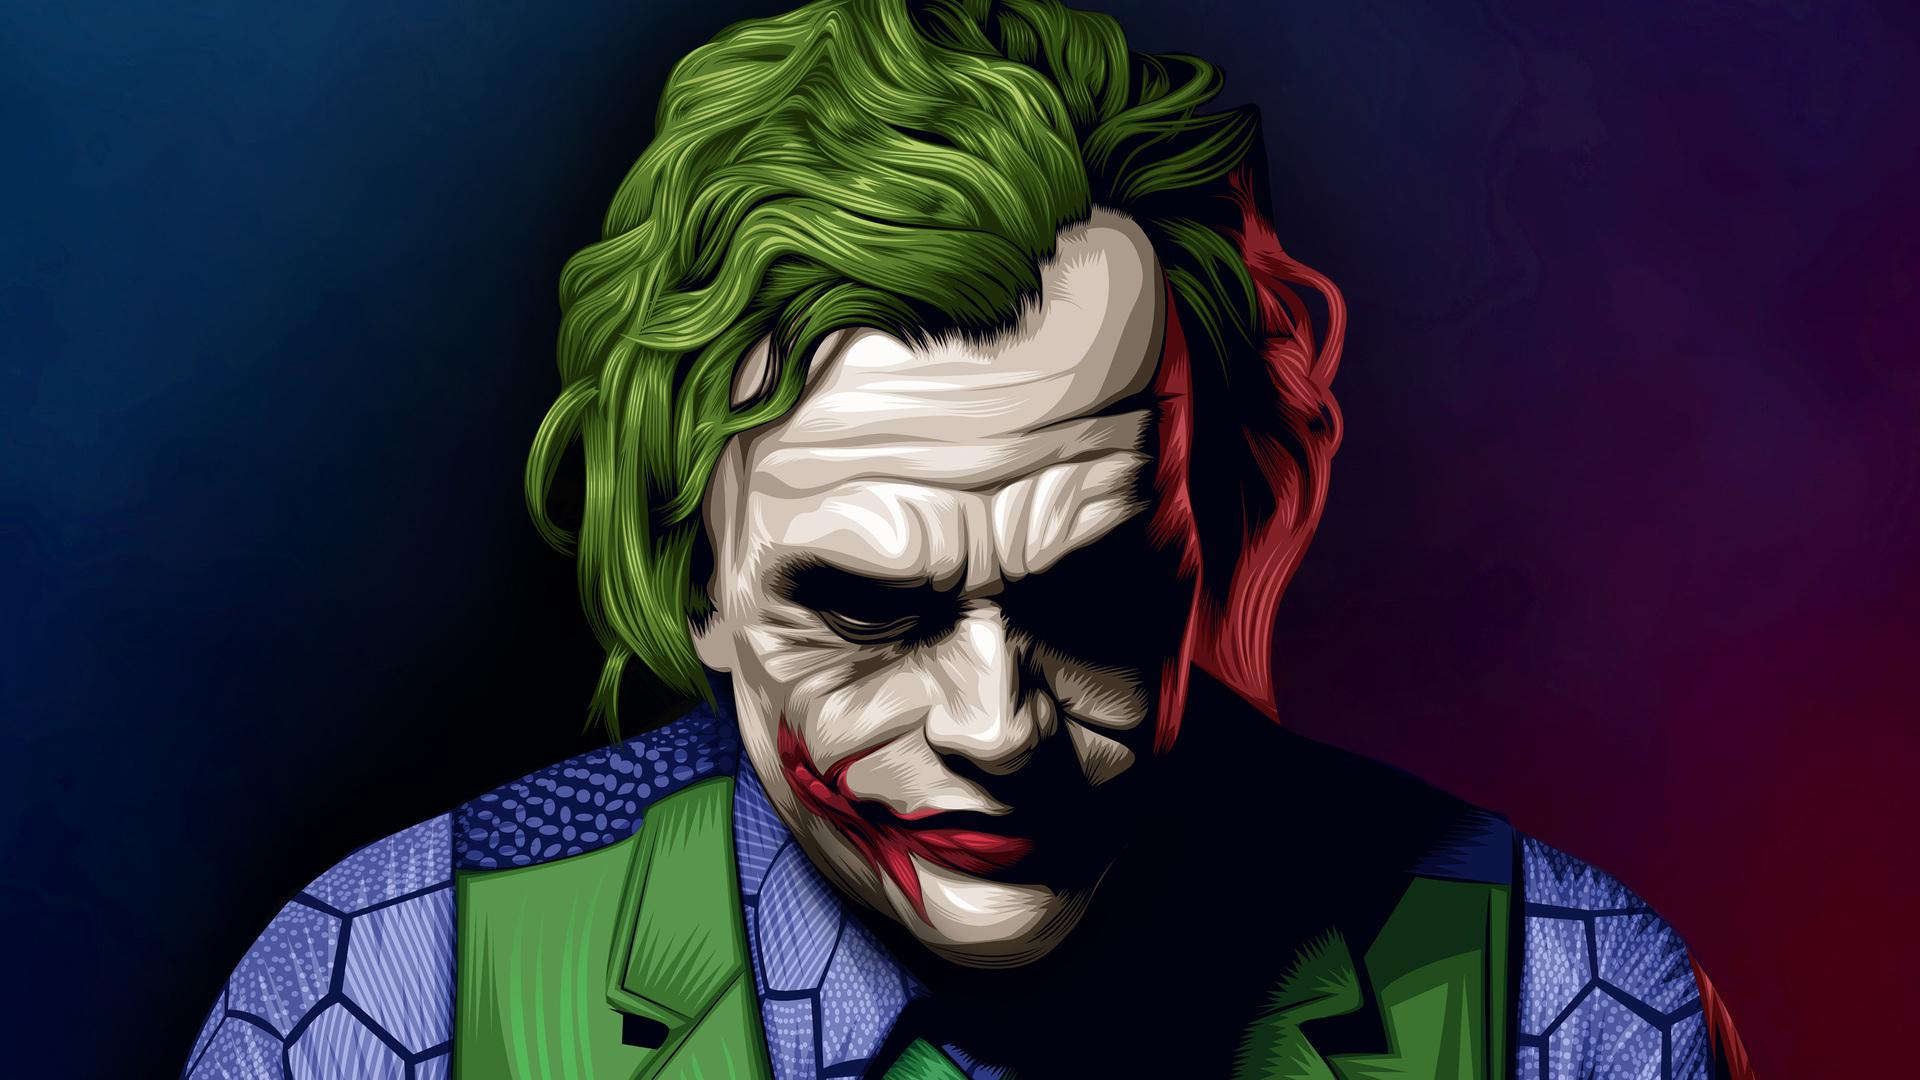 1920x1080 Joker Heath Ledger Illustration Laptop Full Hd